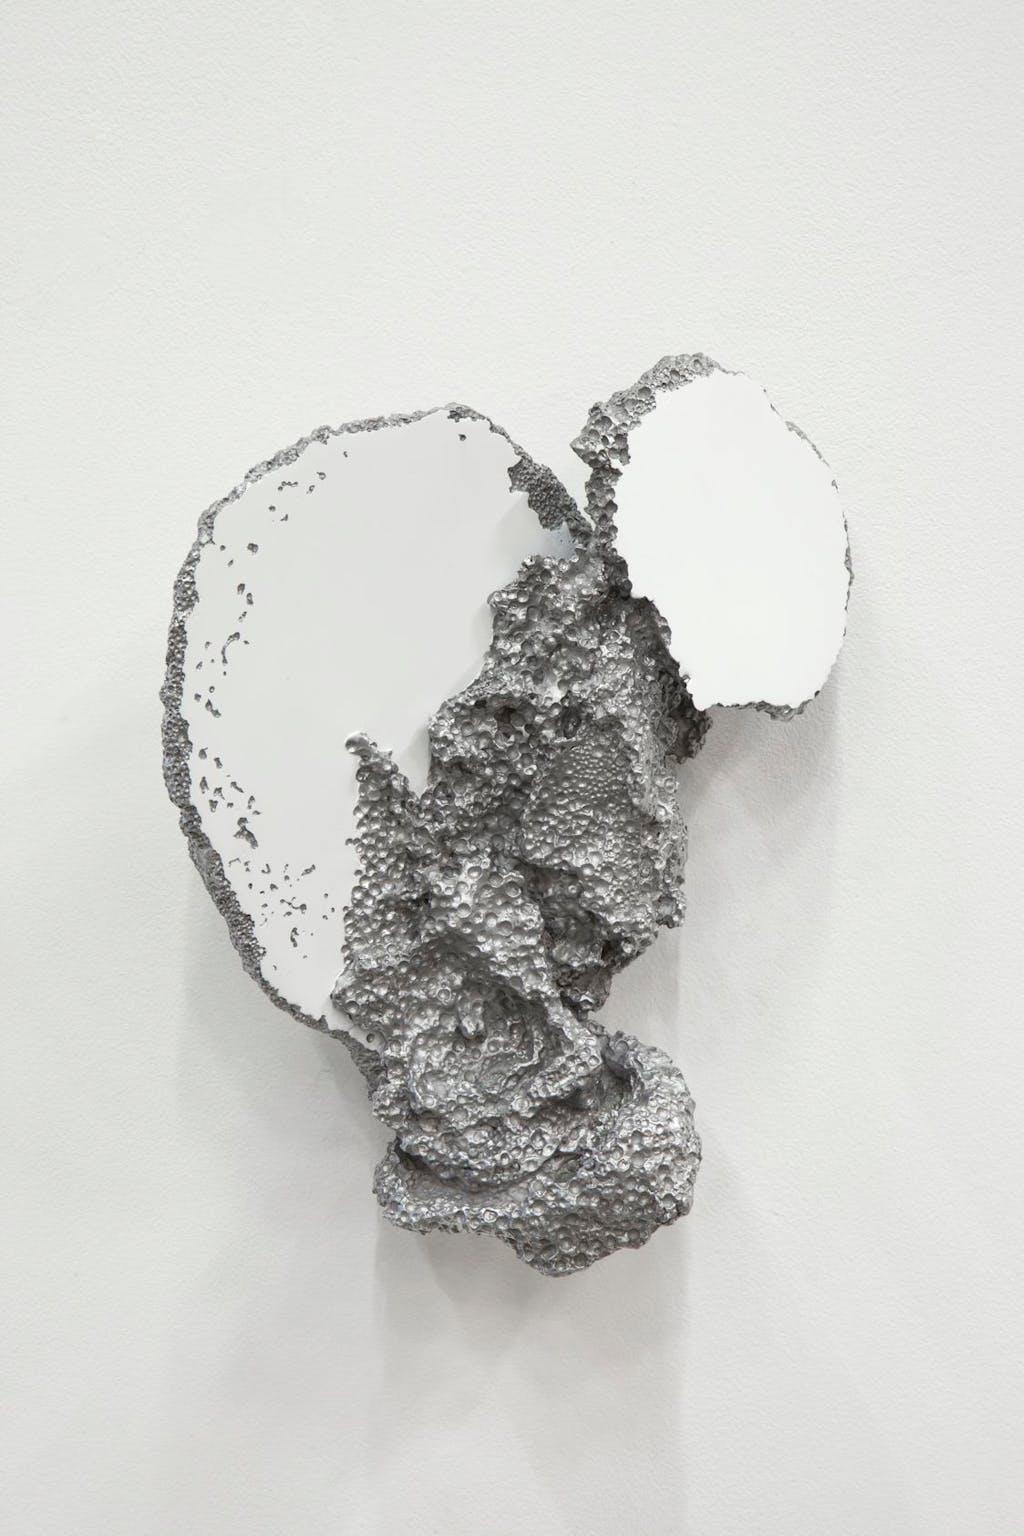 Sculpture à l'aveugle (wall) - © kamel mennour